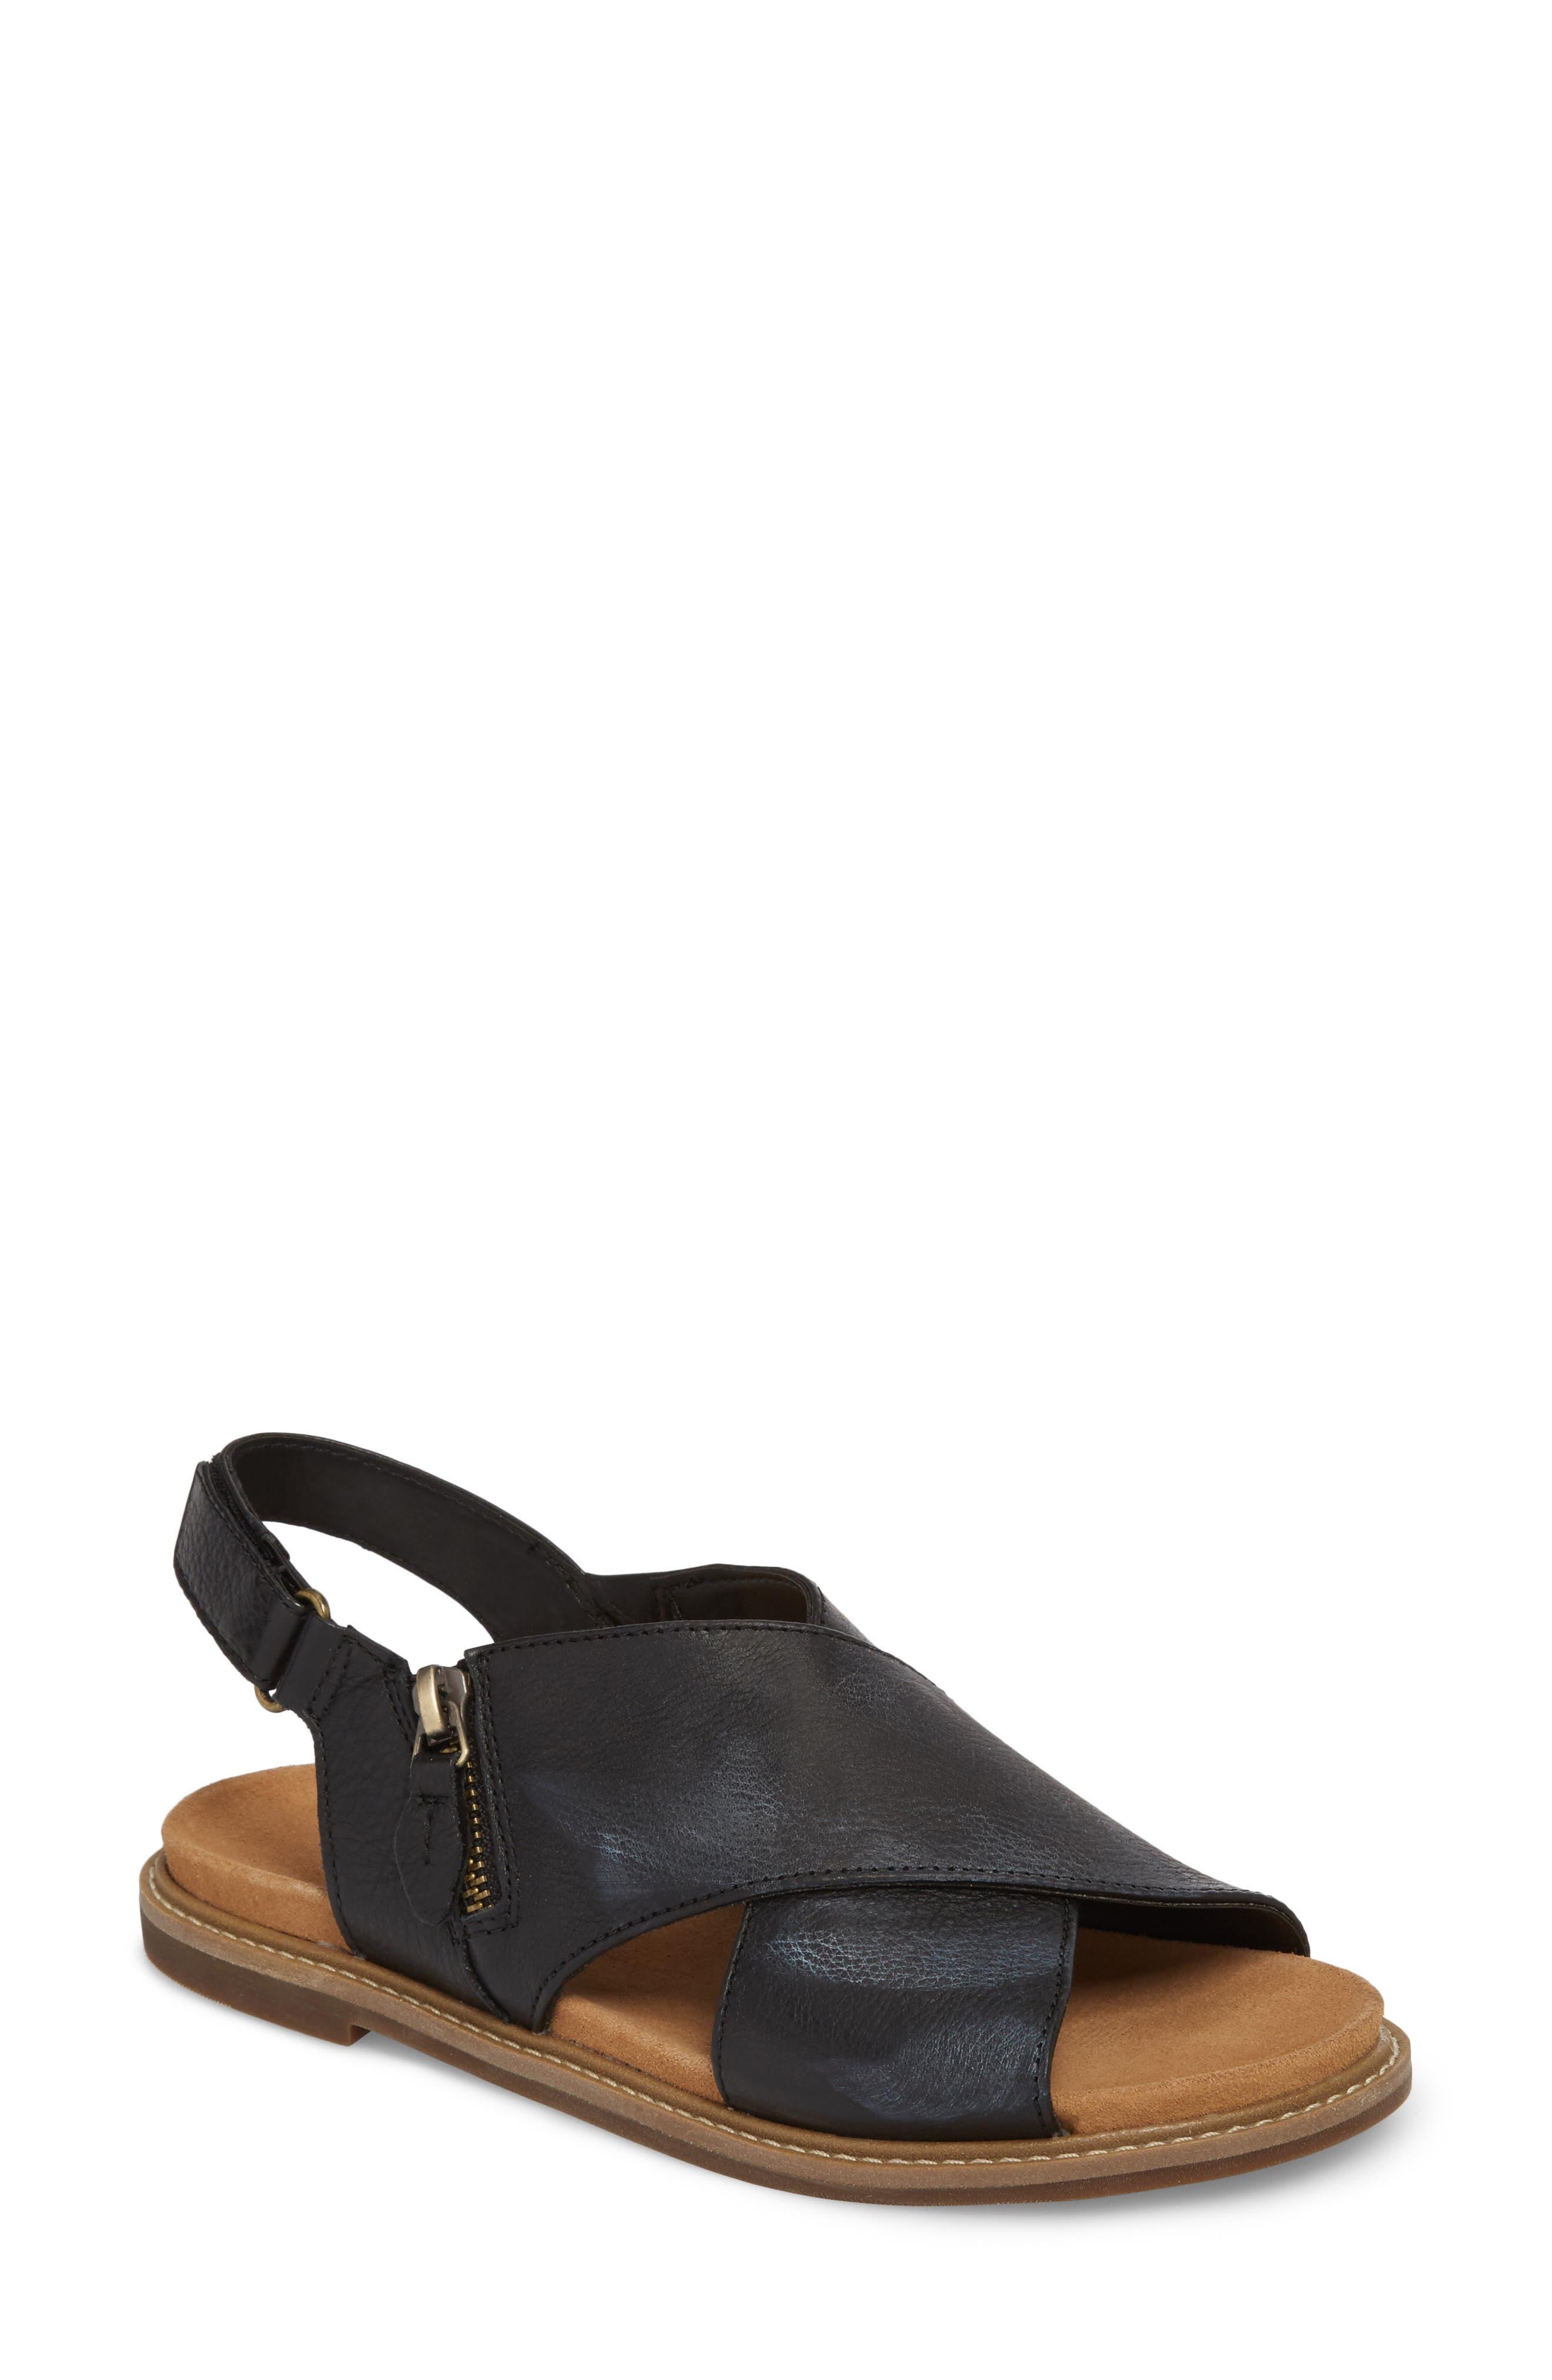 Corsio Calm Sandal,                         Main,                         color, 003